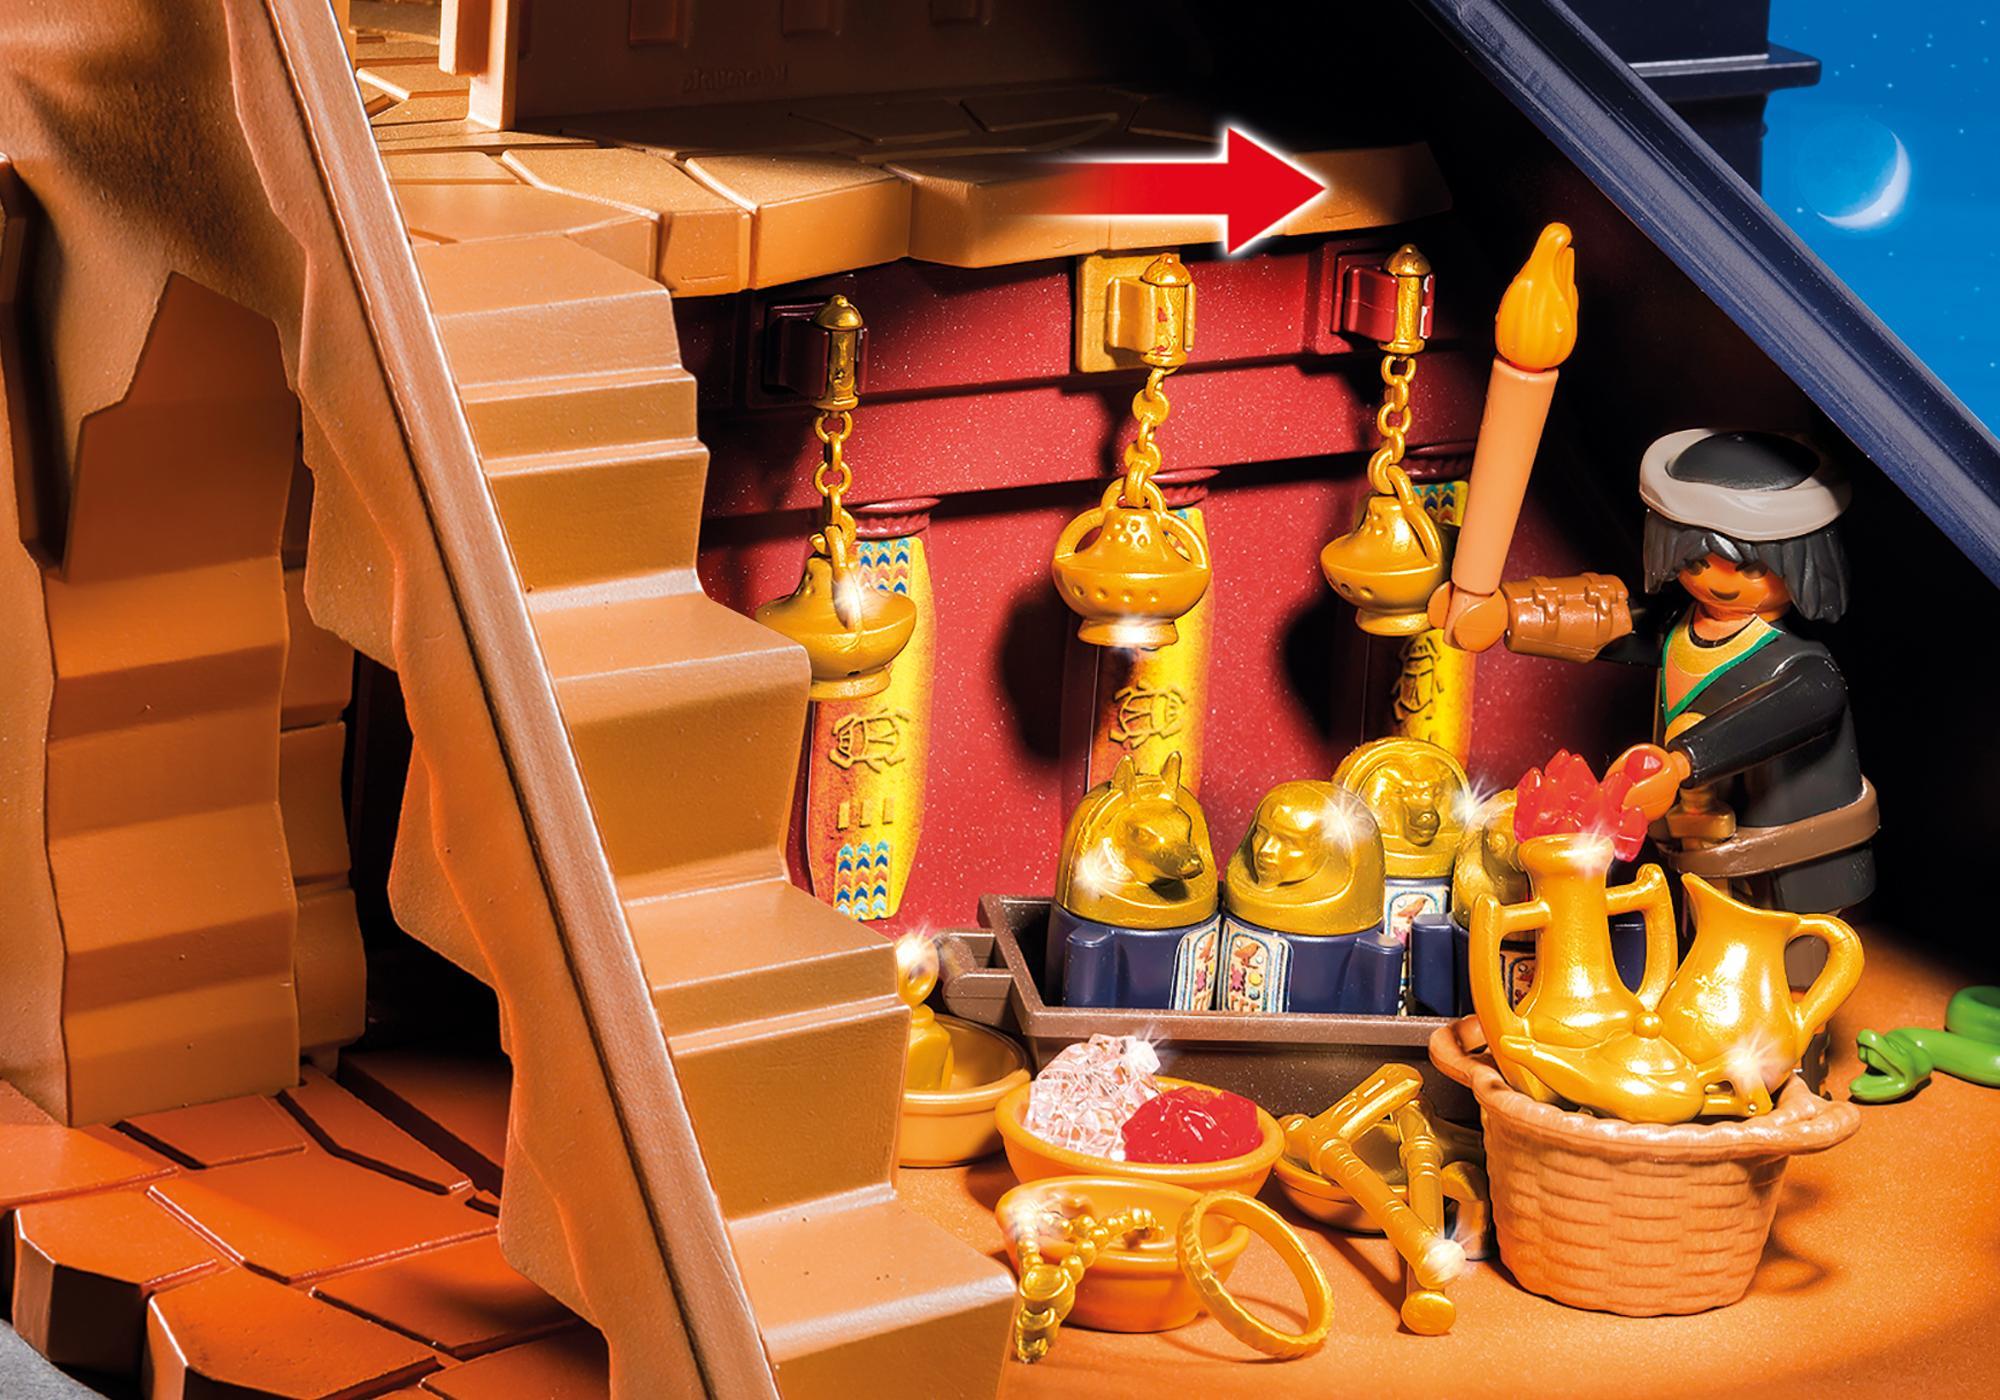 http://media.playmobil.com/i/playmobil/5386_product_extra2/Pharaoh's Pyramid